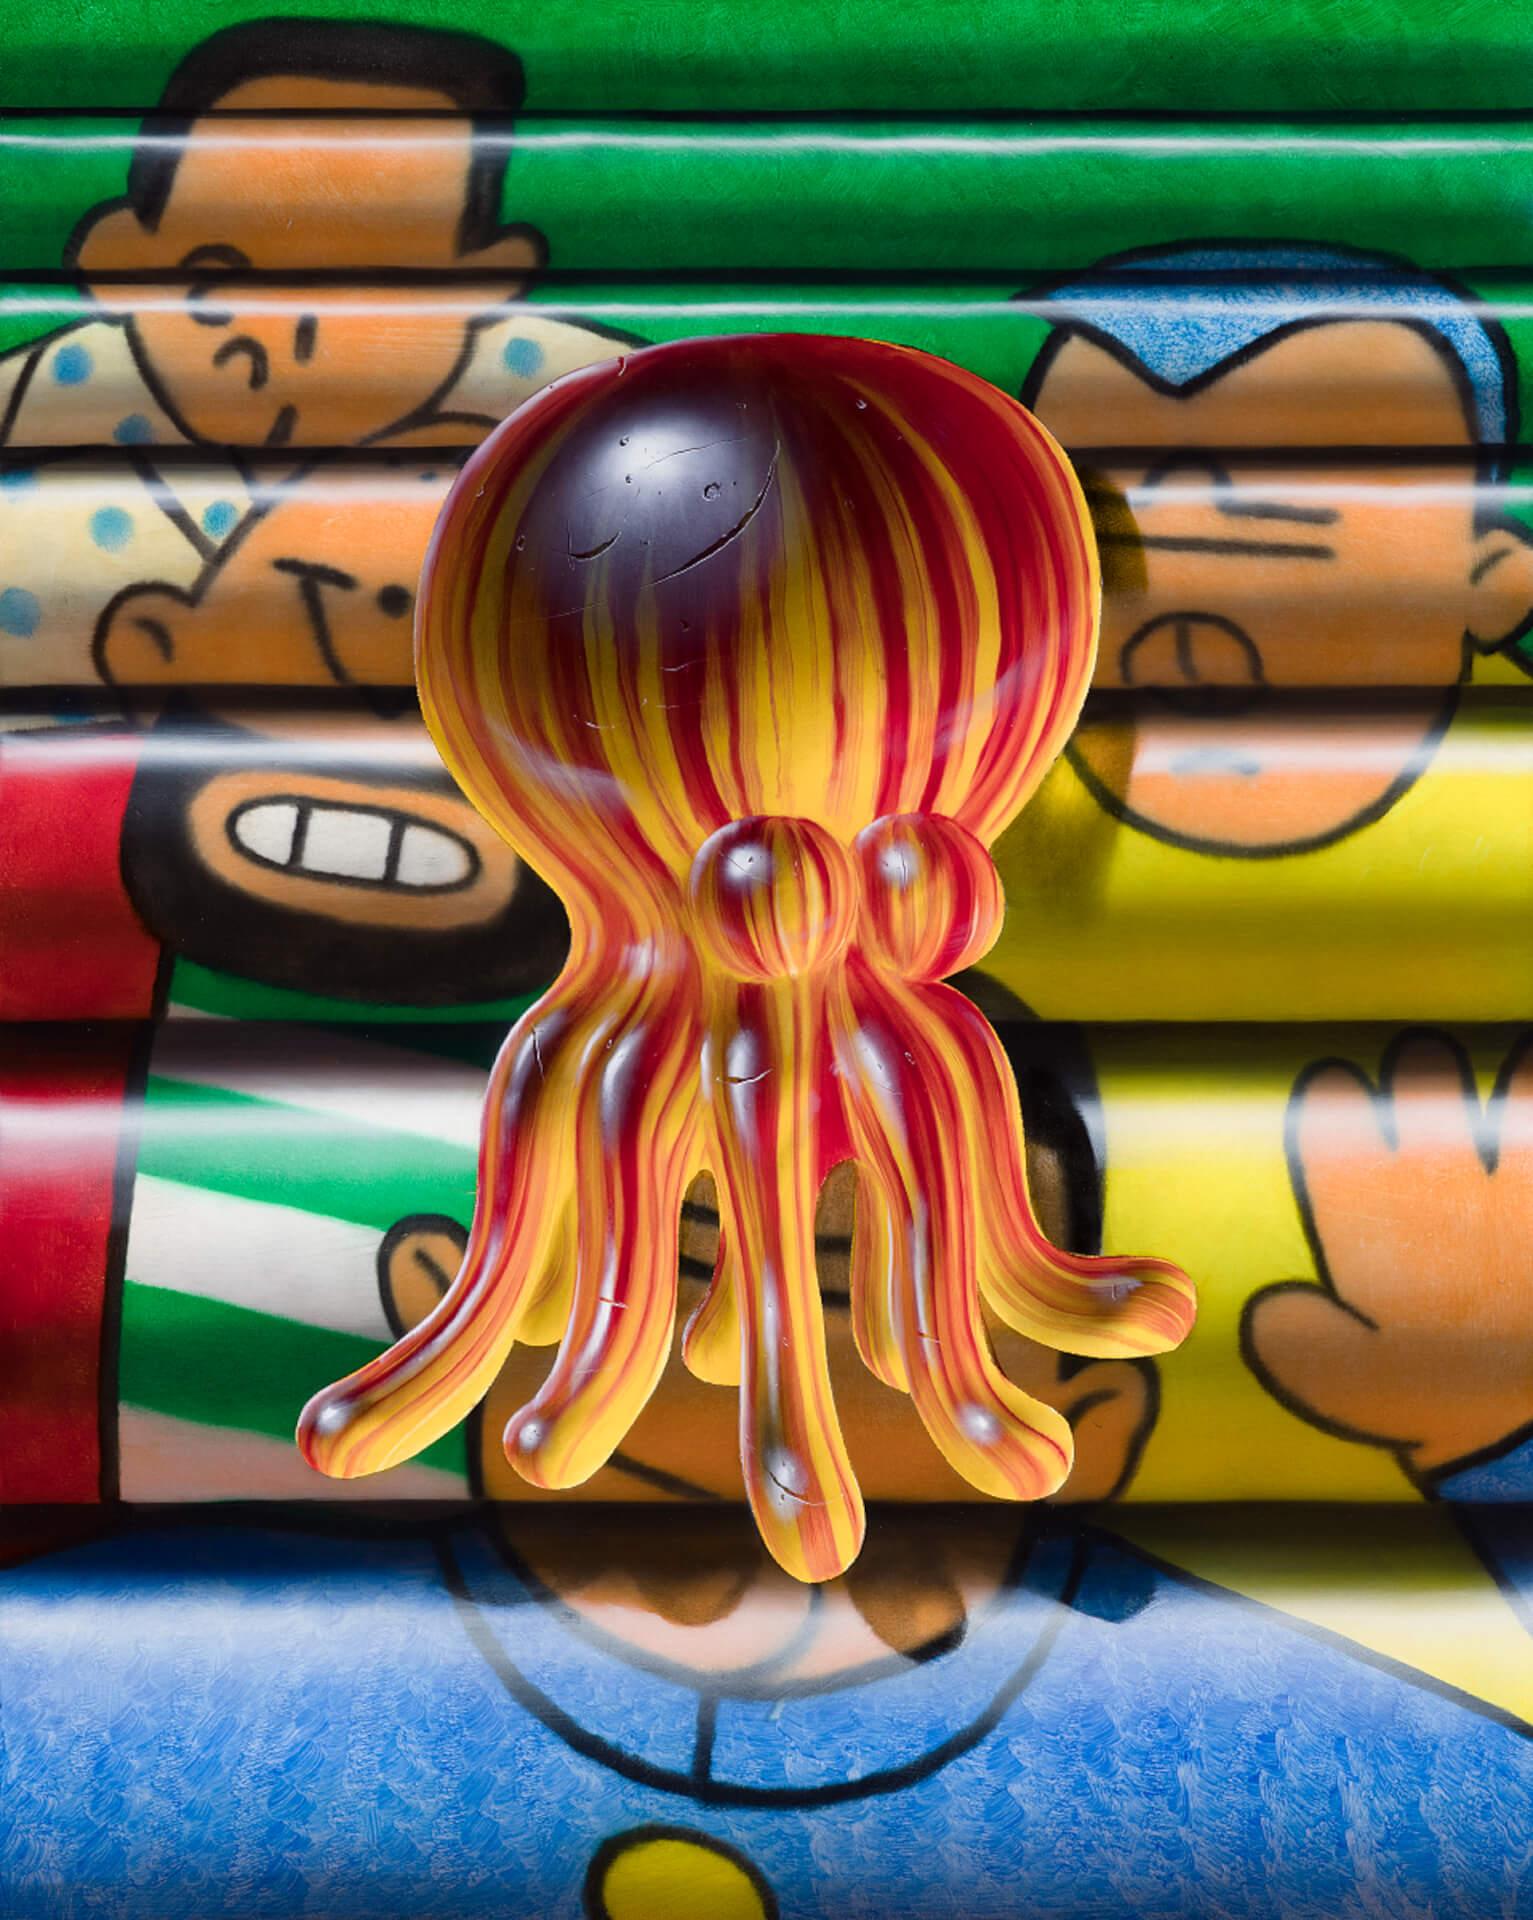 タトゥーを纏った肉塊を描くクリスチャン・レックス・ヴァン・ミネンの日本初個展が東京3会場で開催! art210804_nanzuka-02